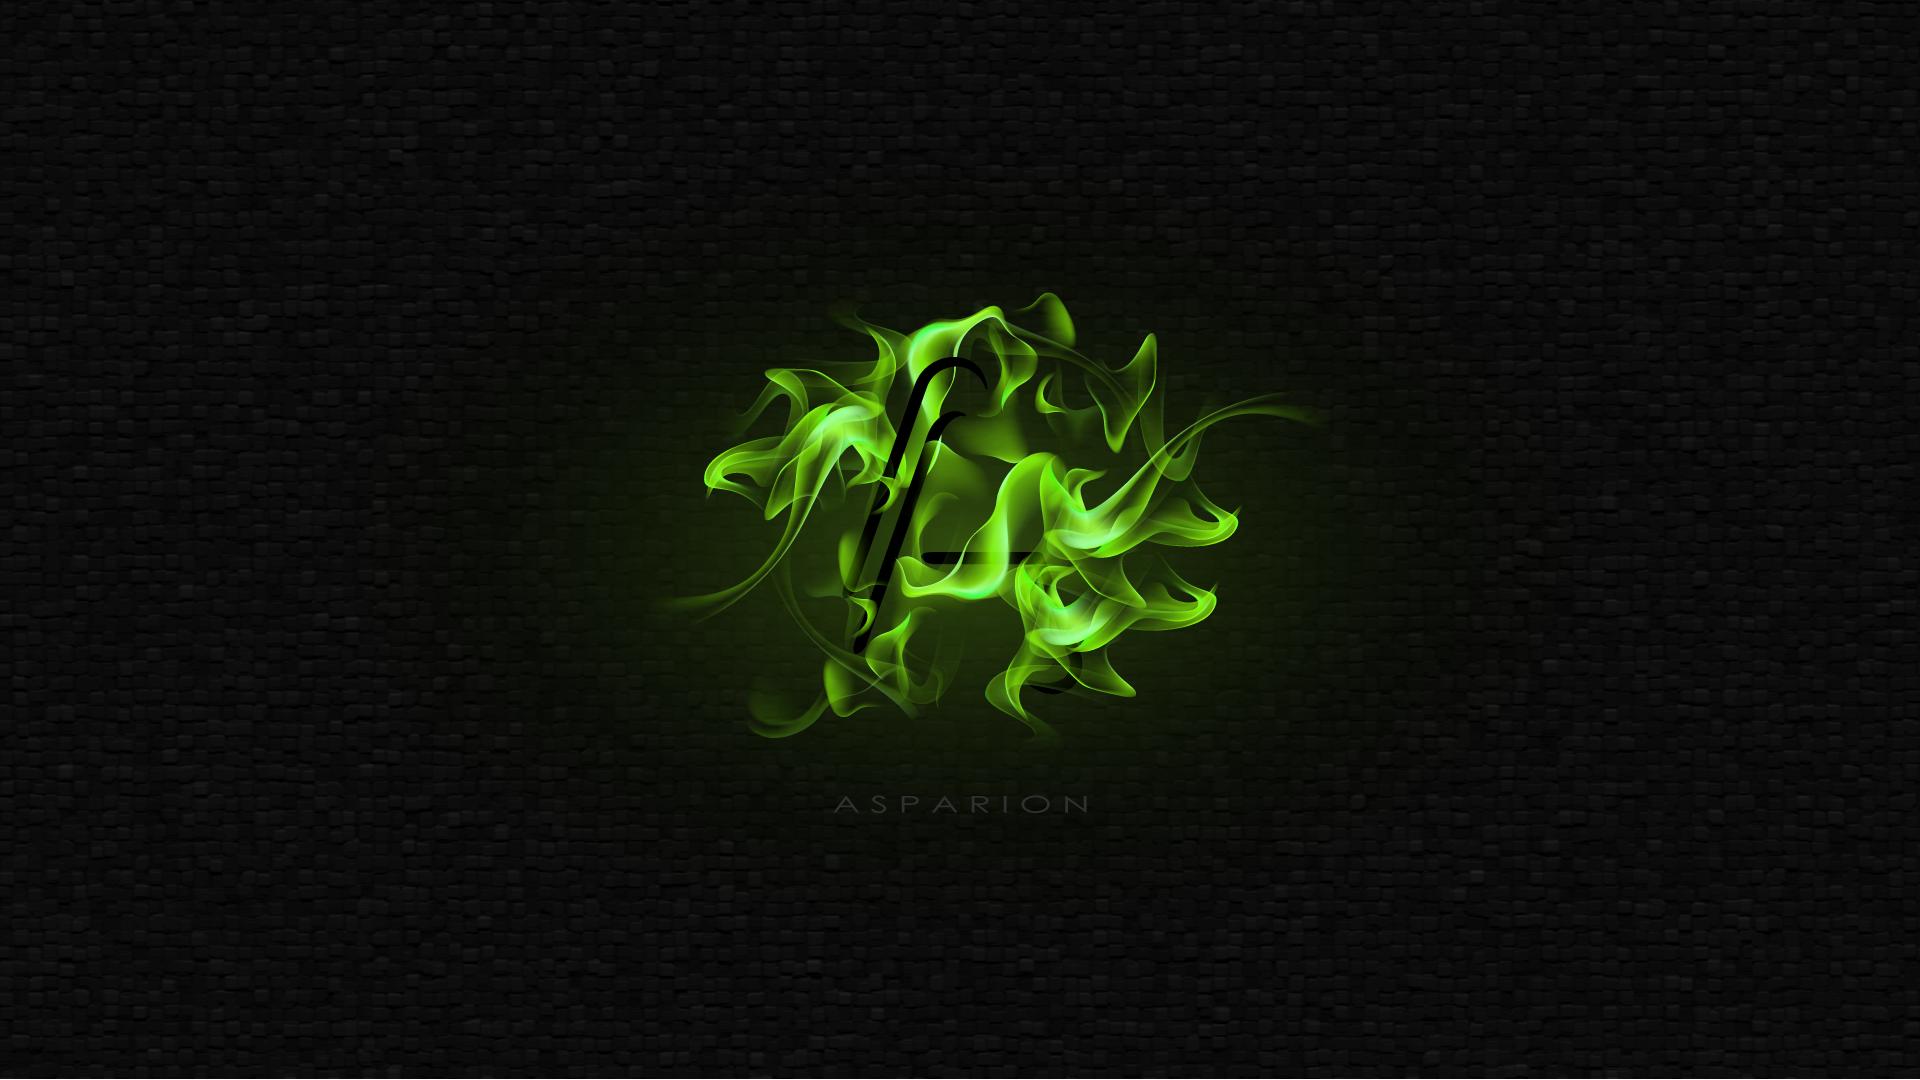 Green Fire Wallpaper Background Info - Asparion...